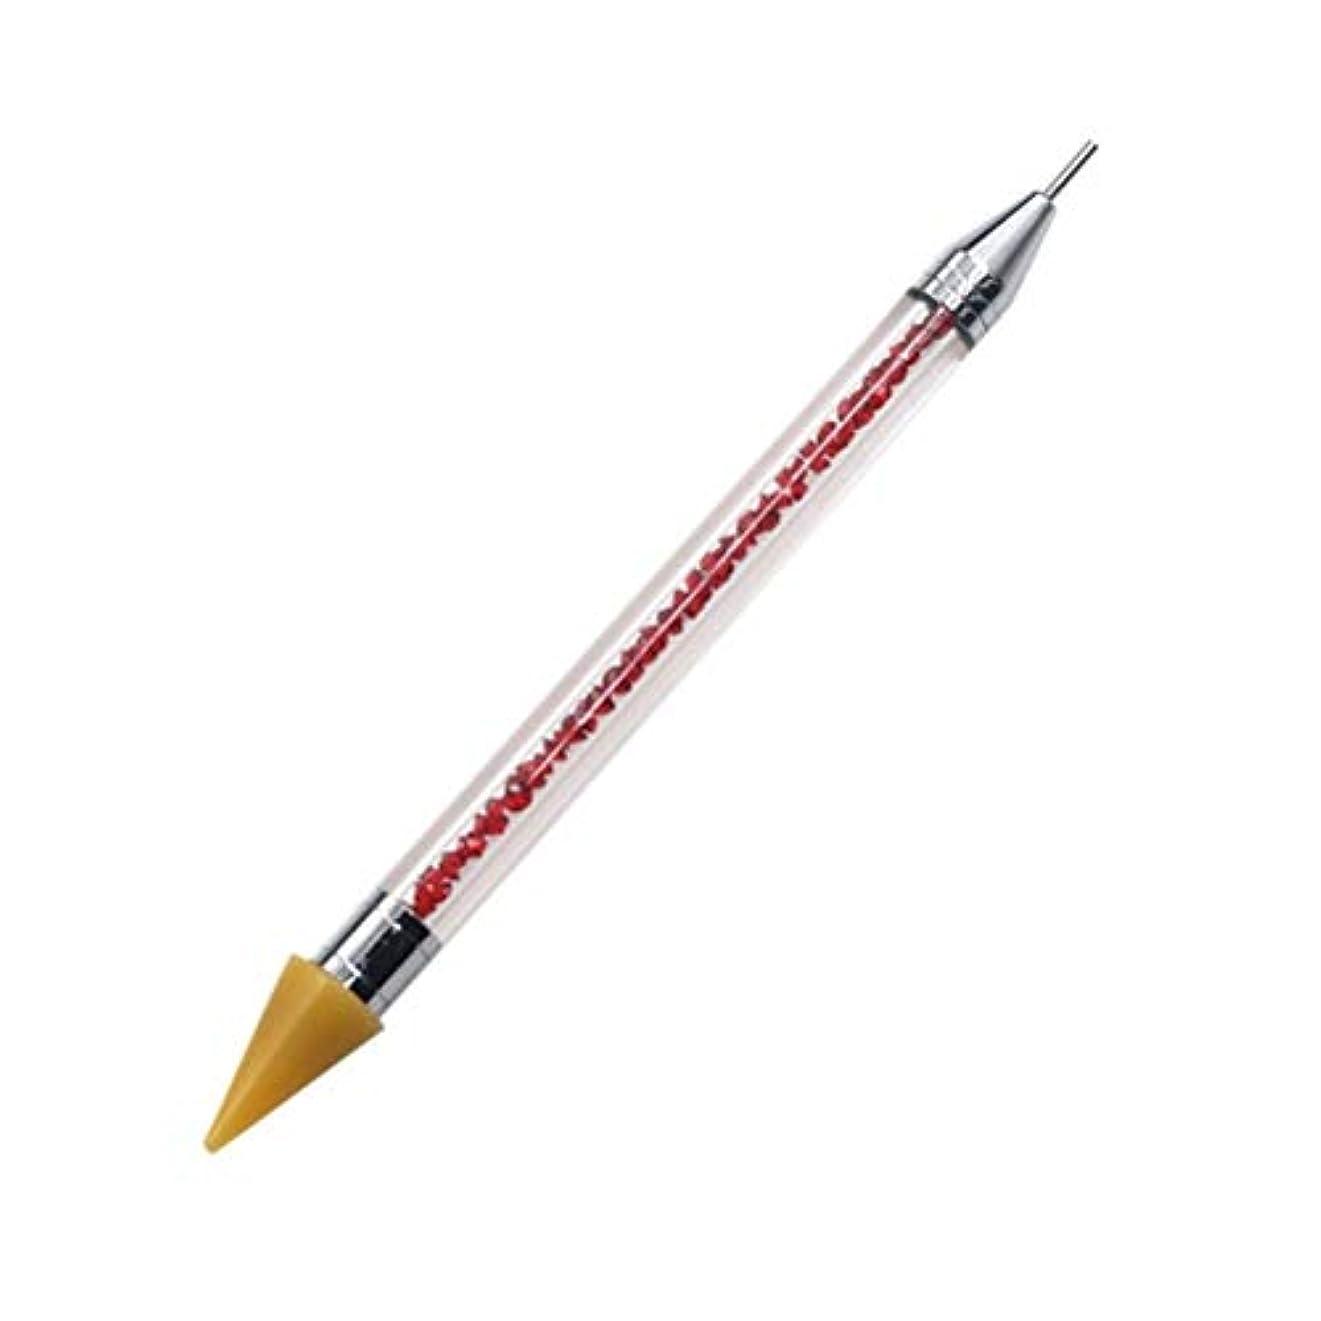 トレッドトレッドインデックスネイルペン DIY デュアルエンド 絵画ツール ペン ネイル筆 ネイルアートペン ネイルアートブラシ マニキュアツールキット ネイルツール ネイル用品 ラインストーンピッカー点在ペン マニキュアネイルアート DIY 装飾ツール